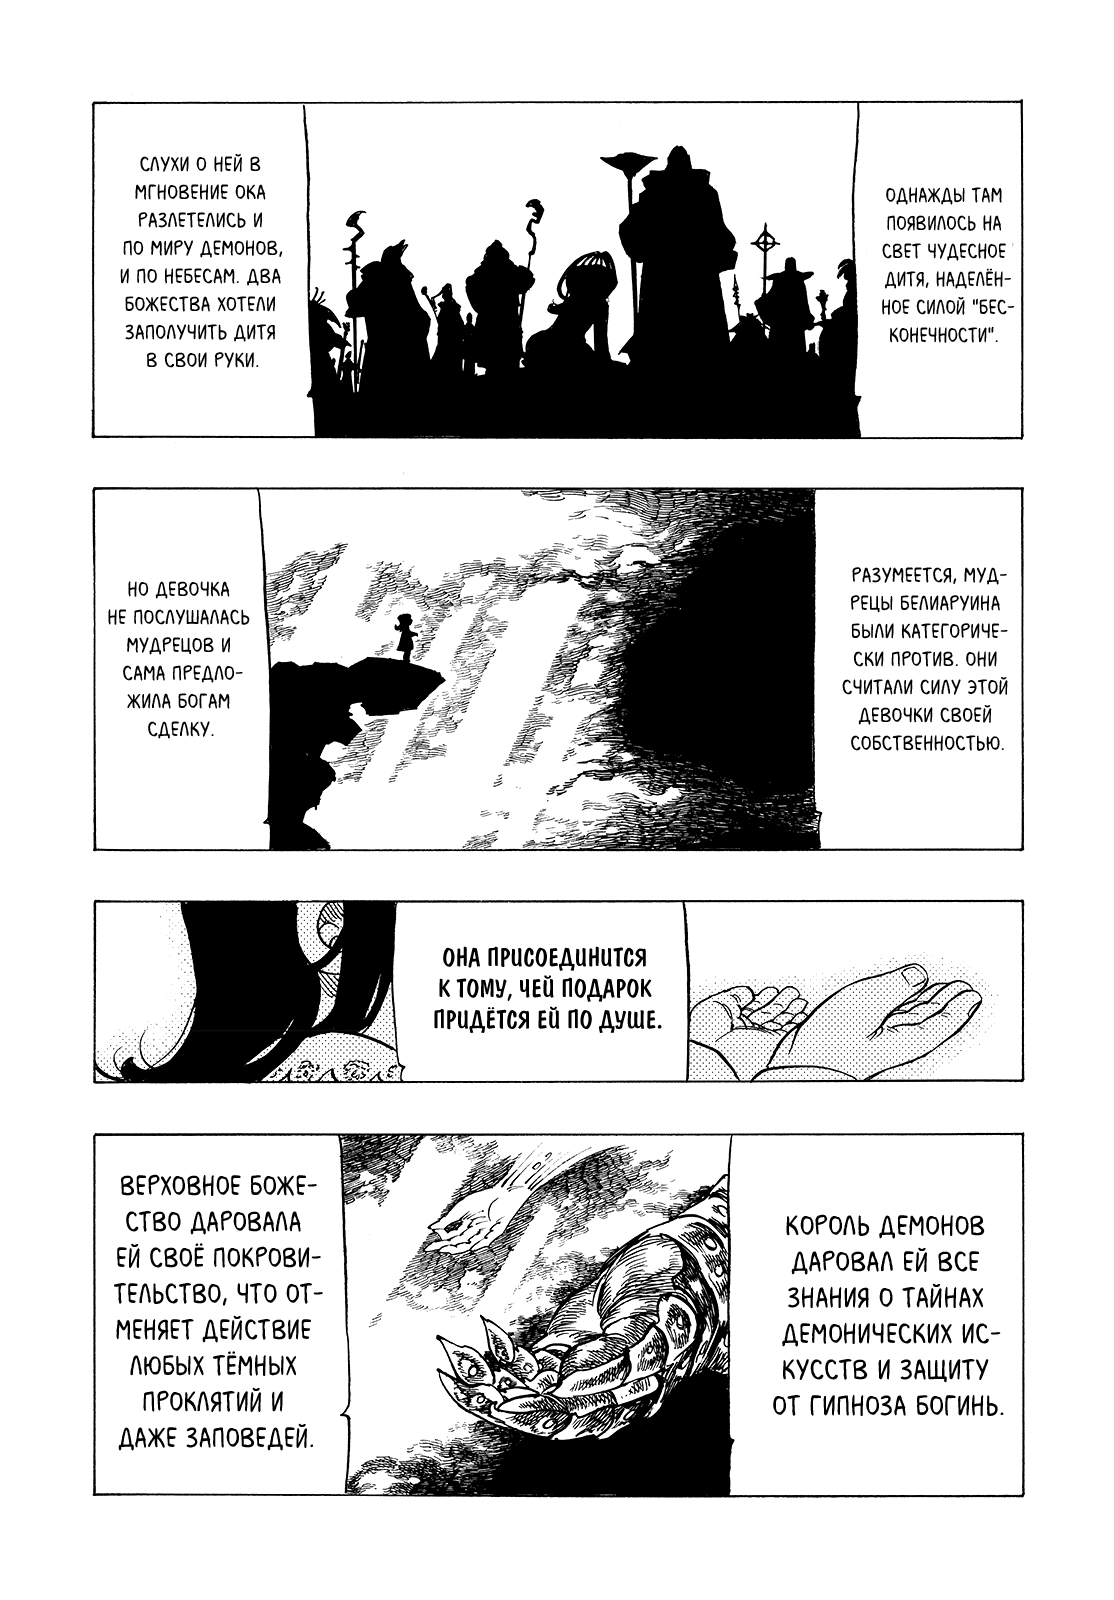 https://r1.ninemanga.com/comics/pic2/29/22109/390415/1516521934617.png Page 4